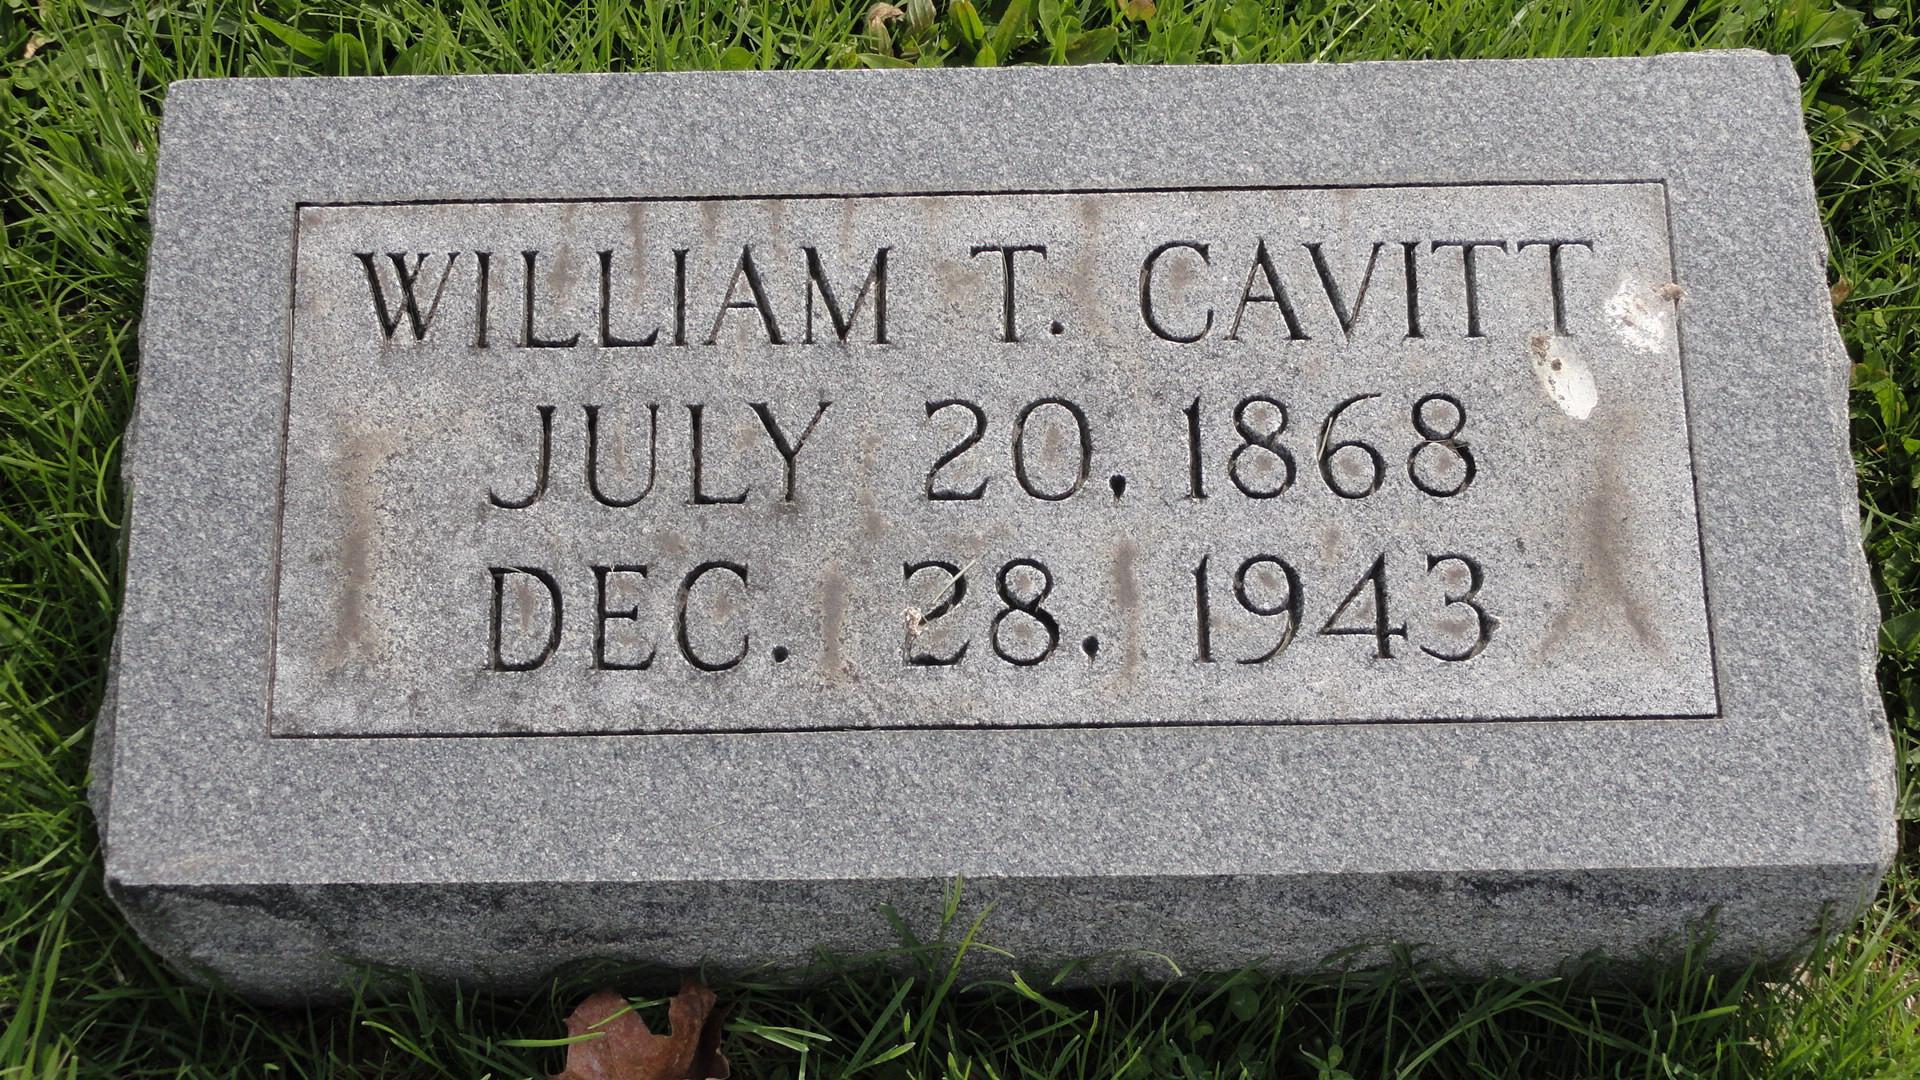 William R Cavitt